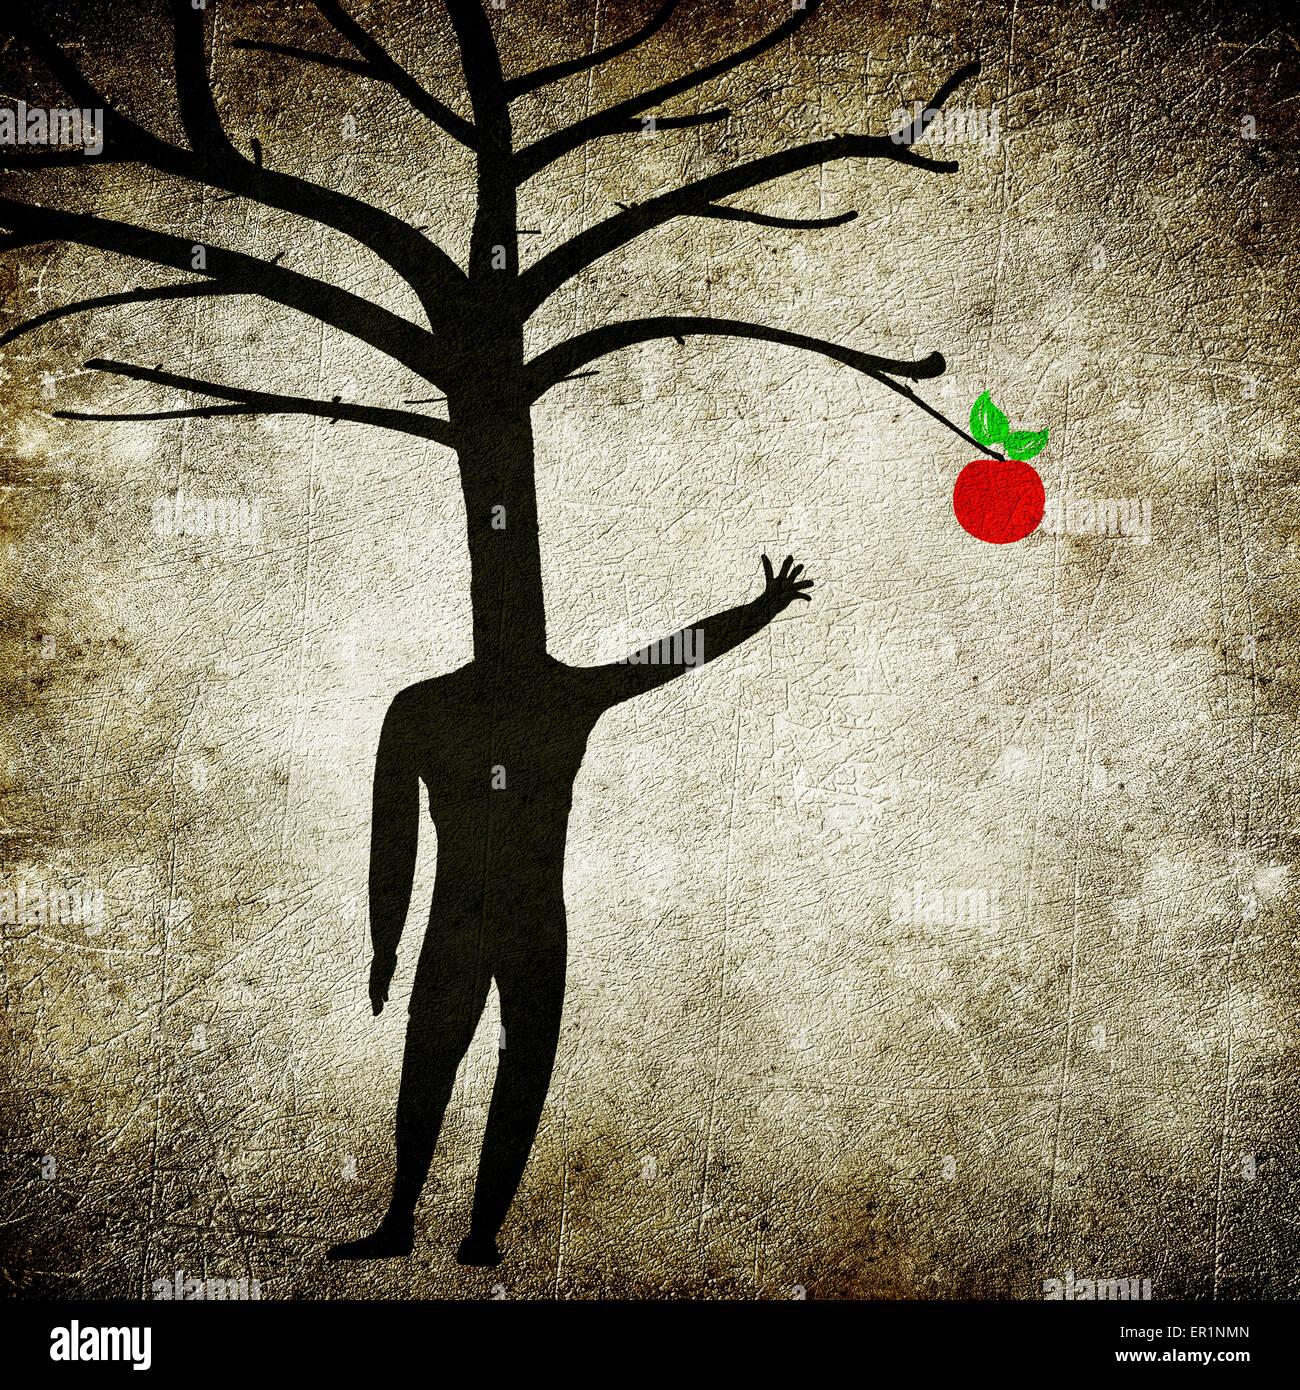 Malattia mentale concetto illustrazione digitale con uomo albero e Apple Immagini Stock